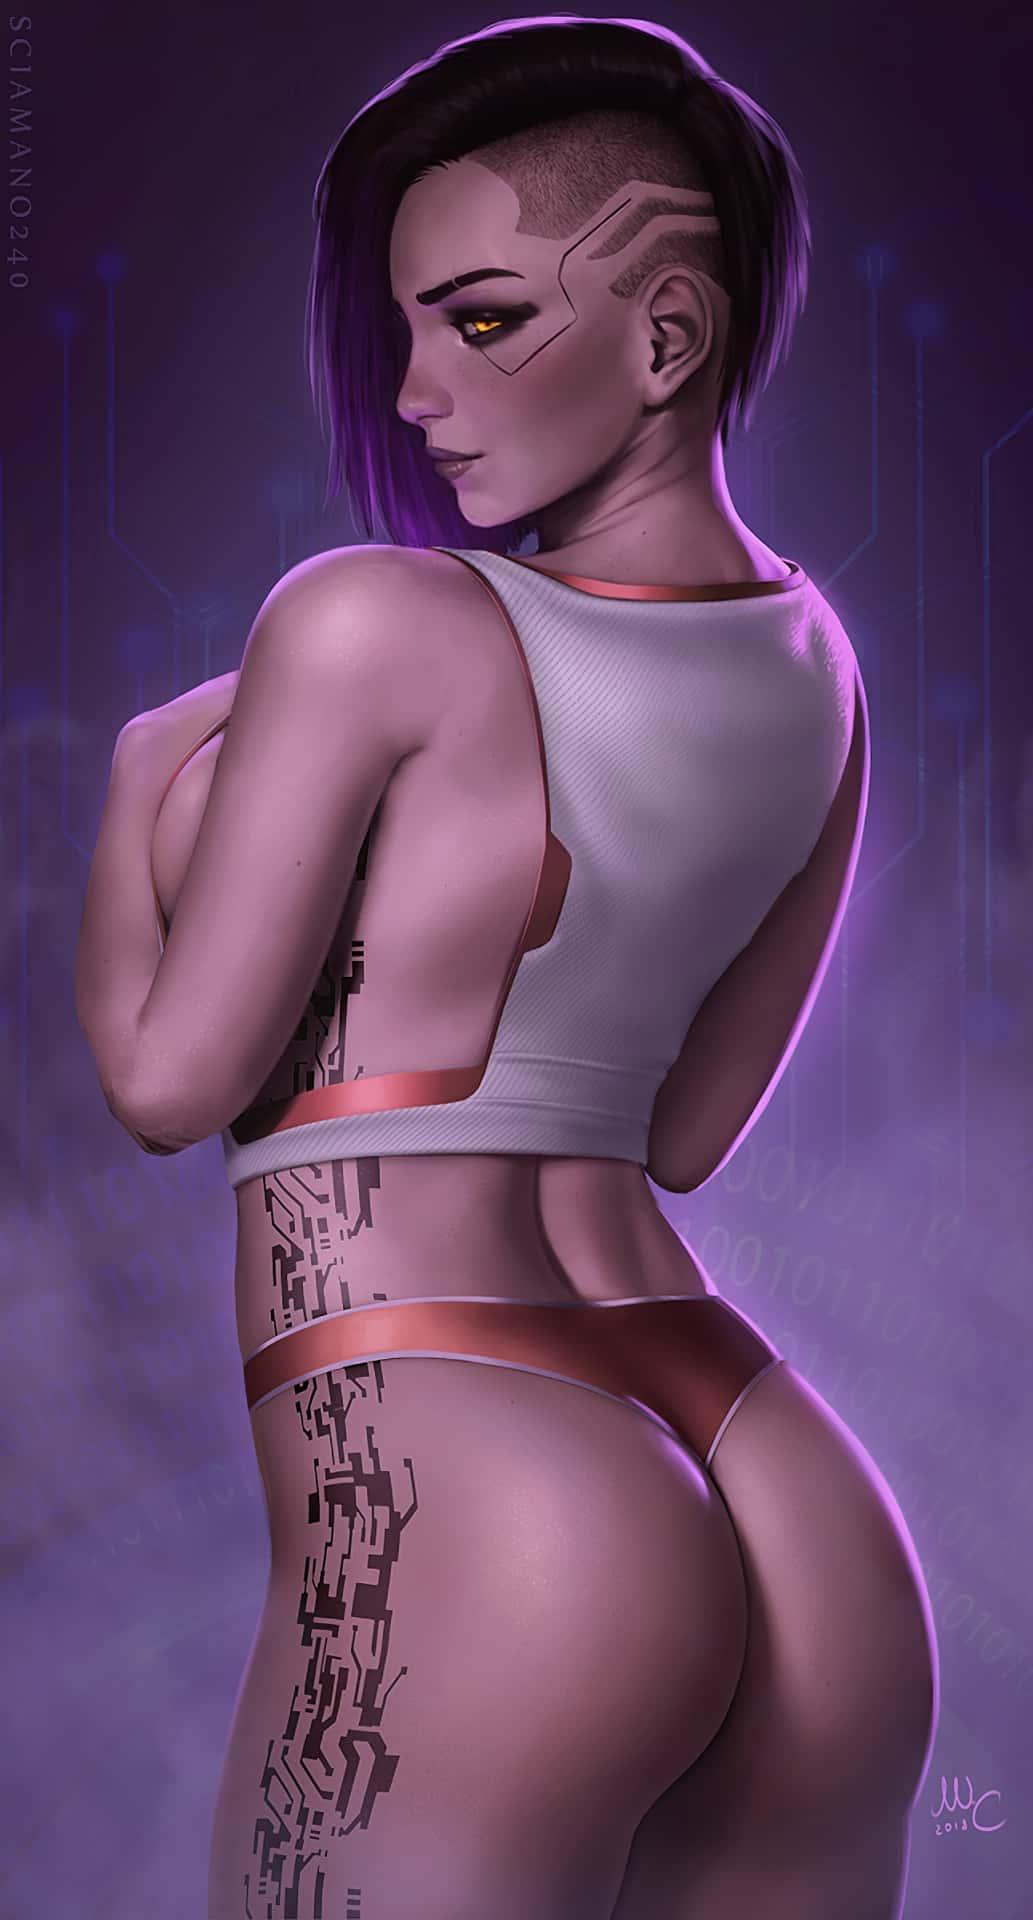 hentai cyberpunk 20778 - 【ゲーム】「サイバーパンク2077」のエロ画像:イラスト